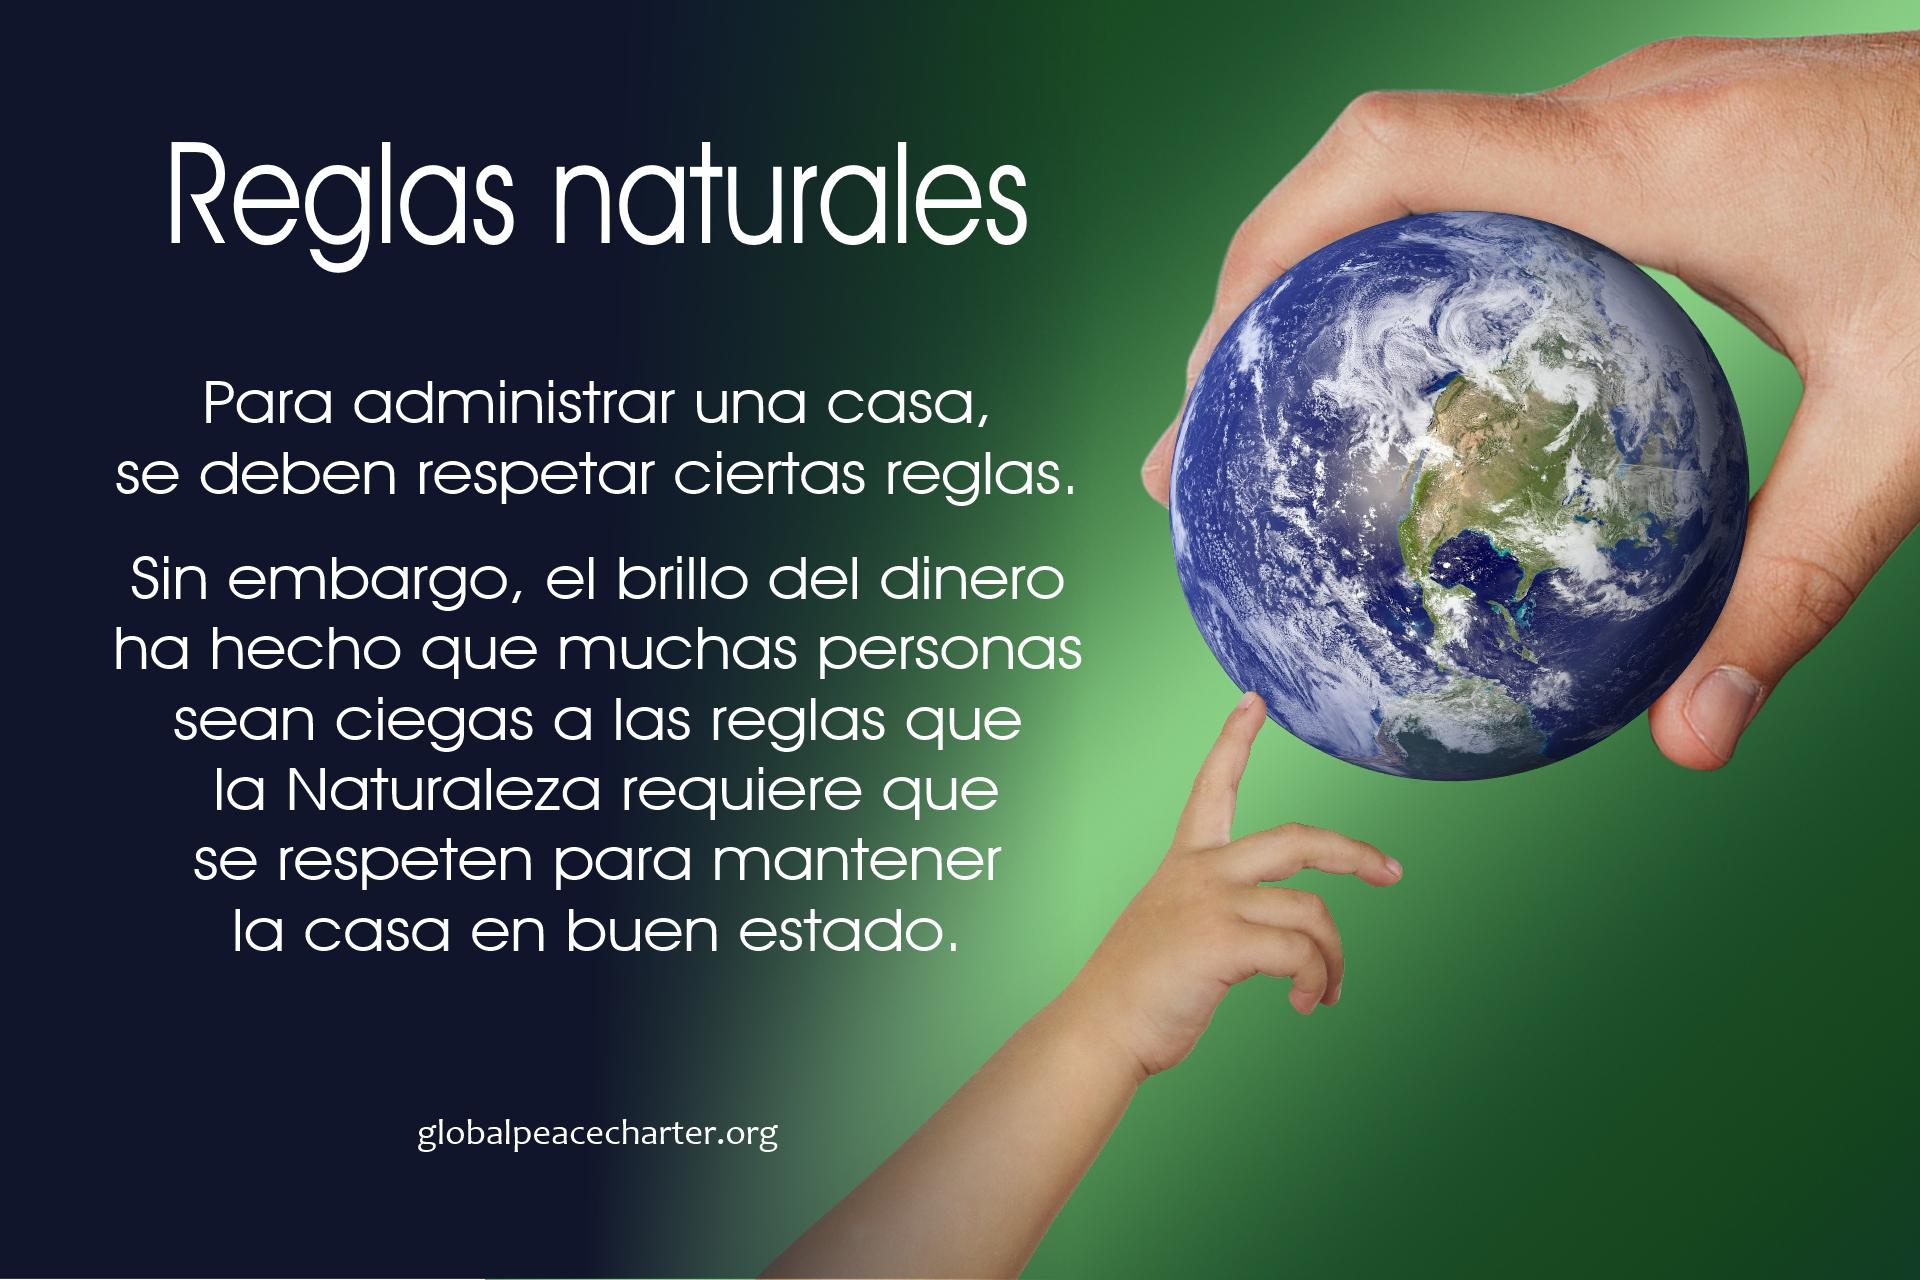 Reglas naturales